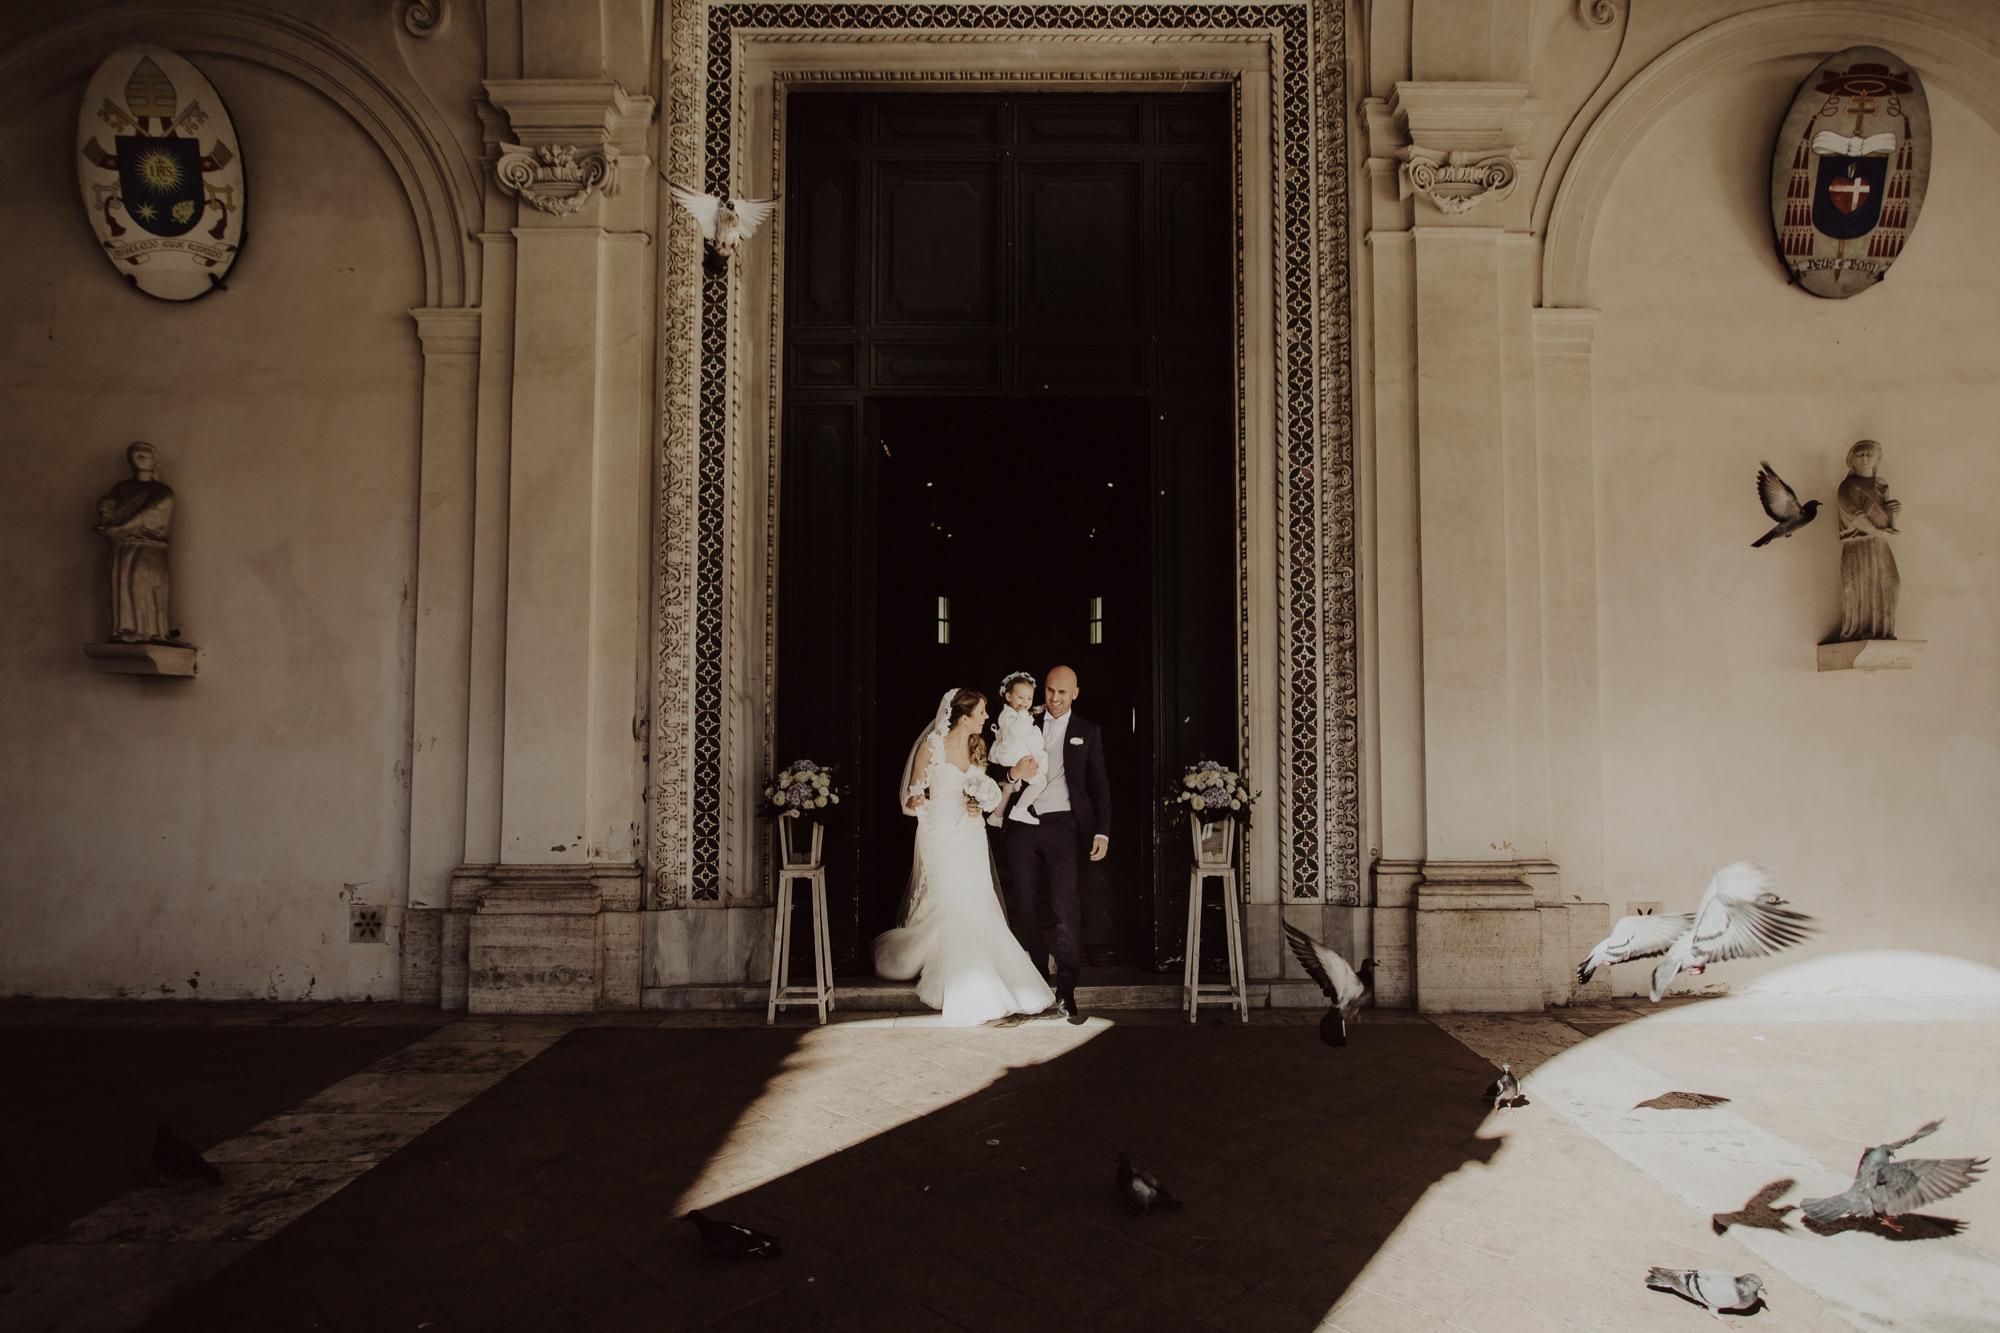 matrimonio intimo roma migliore fotografo massaro